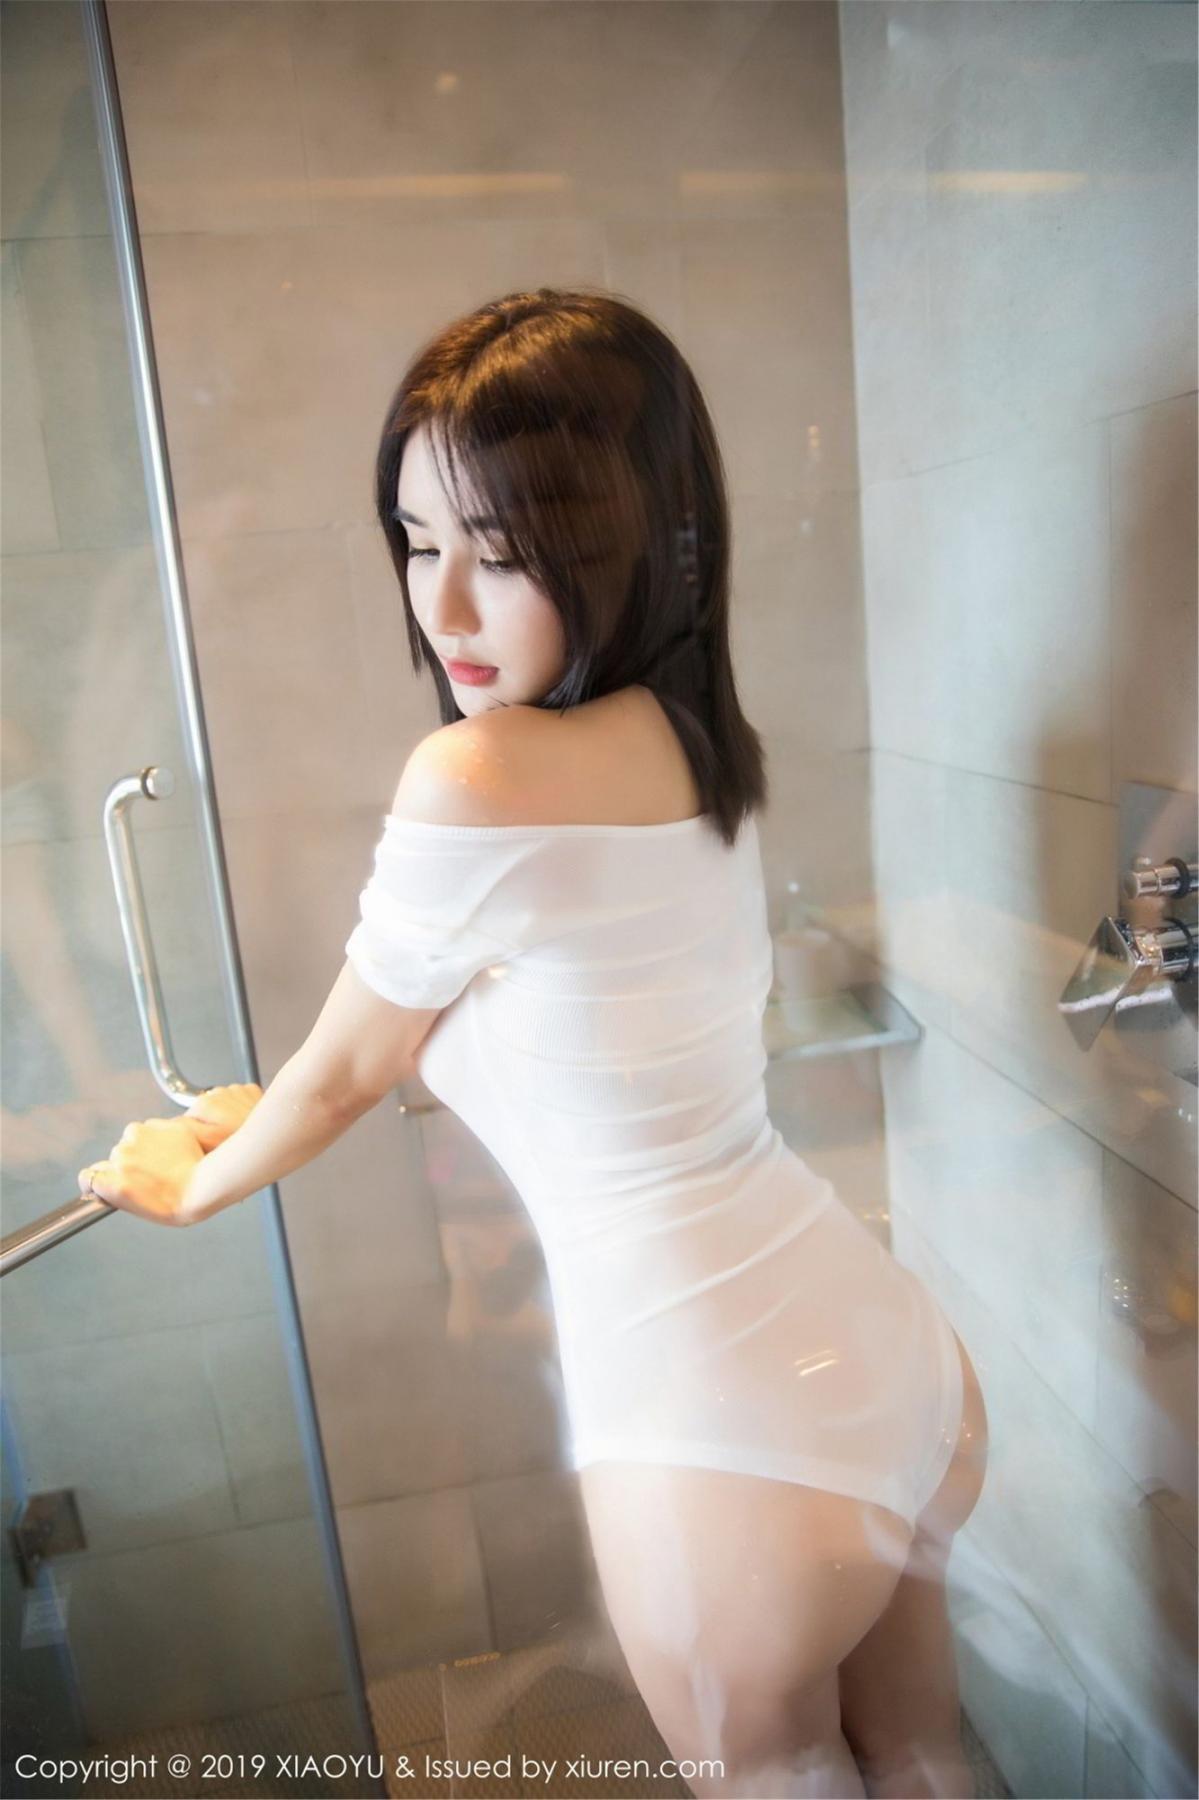 [XiaoYu] Vol.060 Xiao Mo Lin 49P, Bathroom, Lin Lin Ailin, Wet, XiaoYu